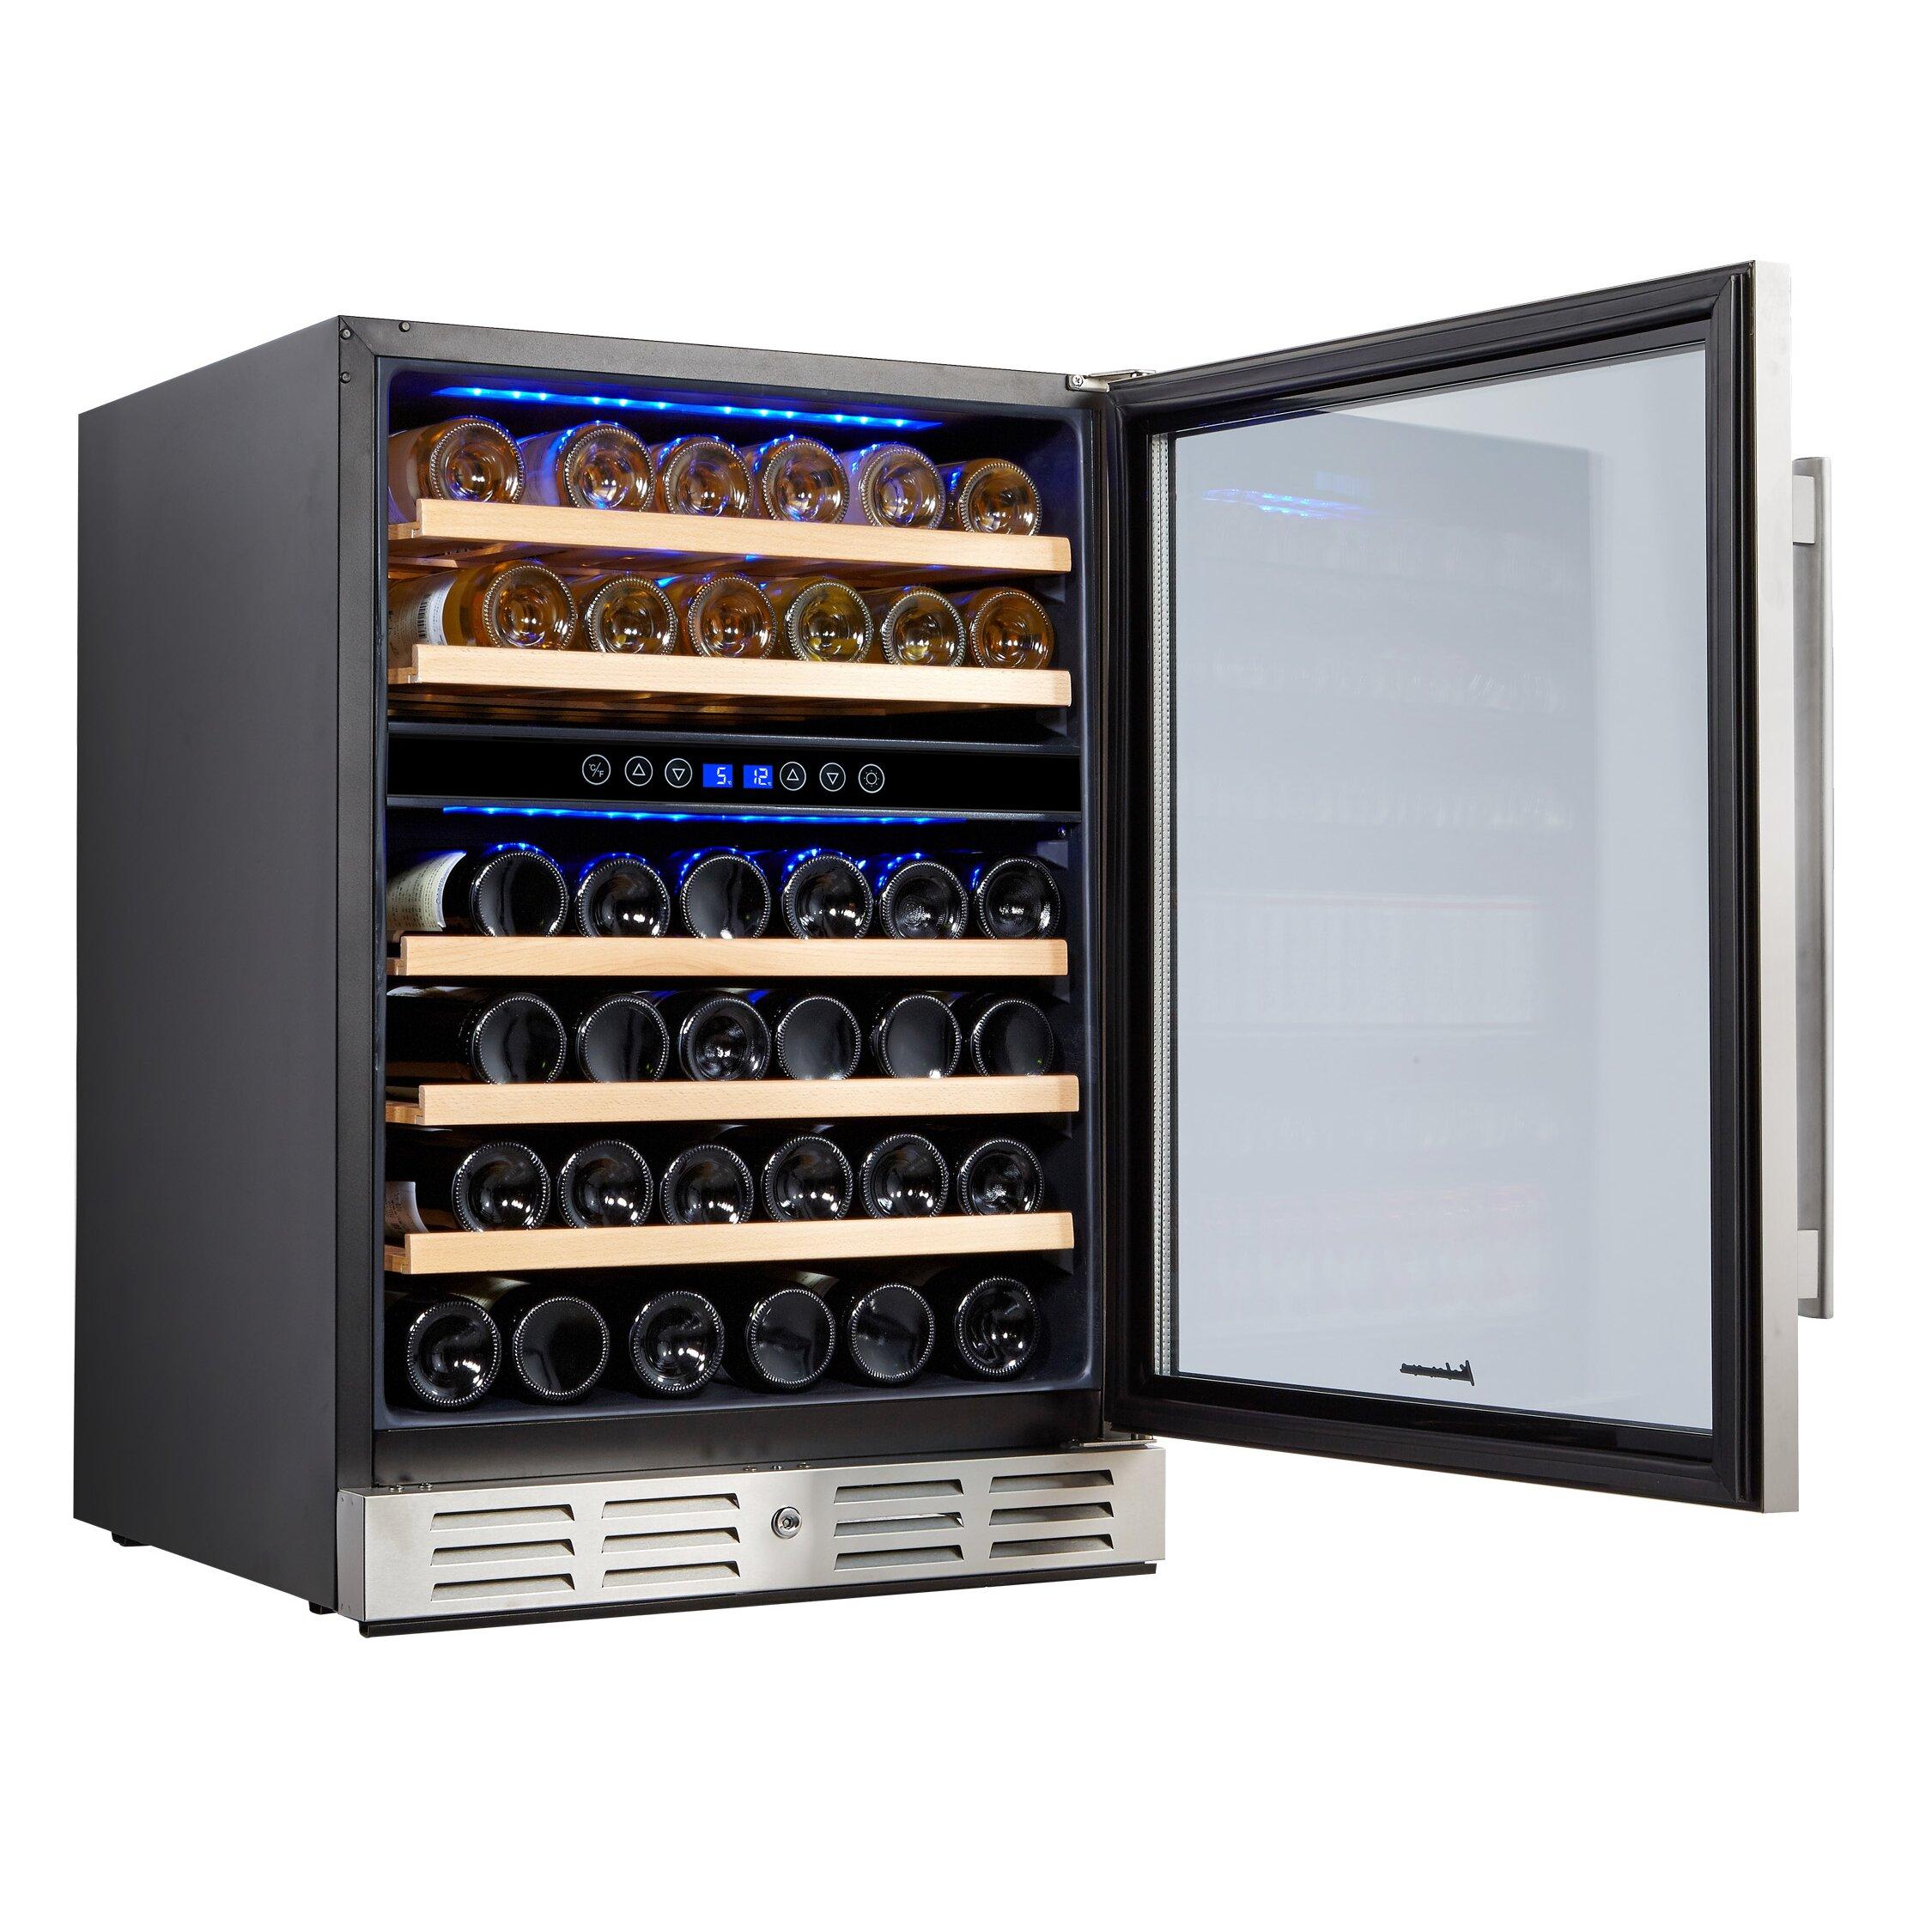 kalamera 46 bottle dual zone built in wine refrigerator. Black Bedroom Furniture Sets. Home Design Ideas